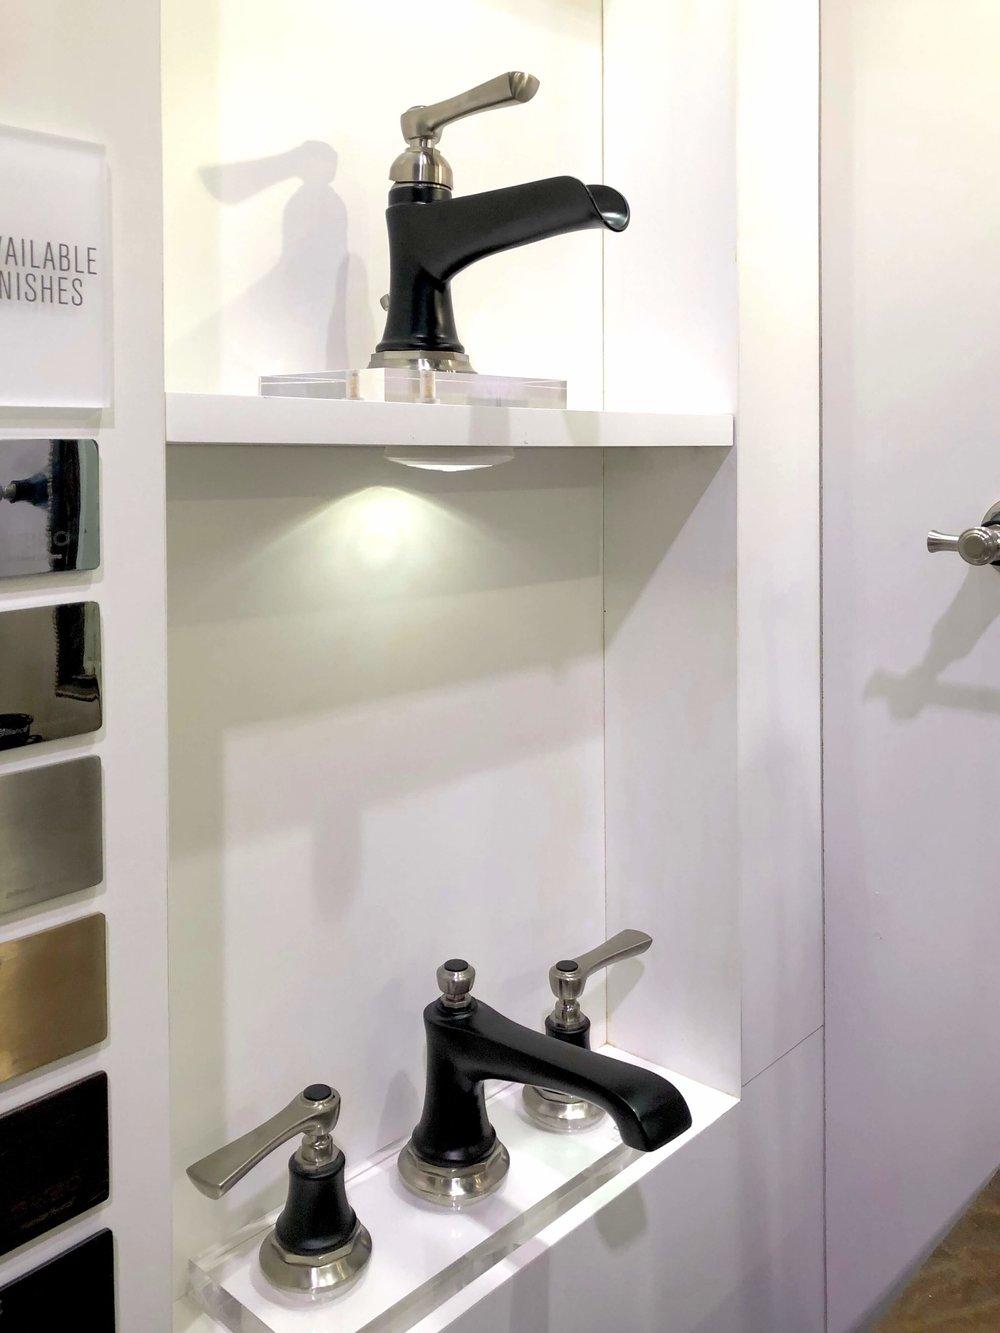 Black Bathroom Faucets Fixtures, Two Tone Bathroom Faucets